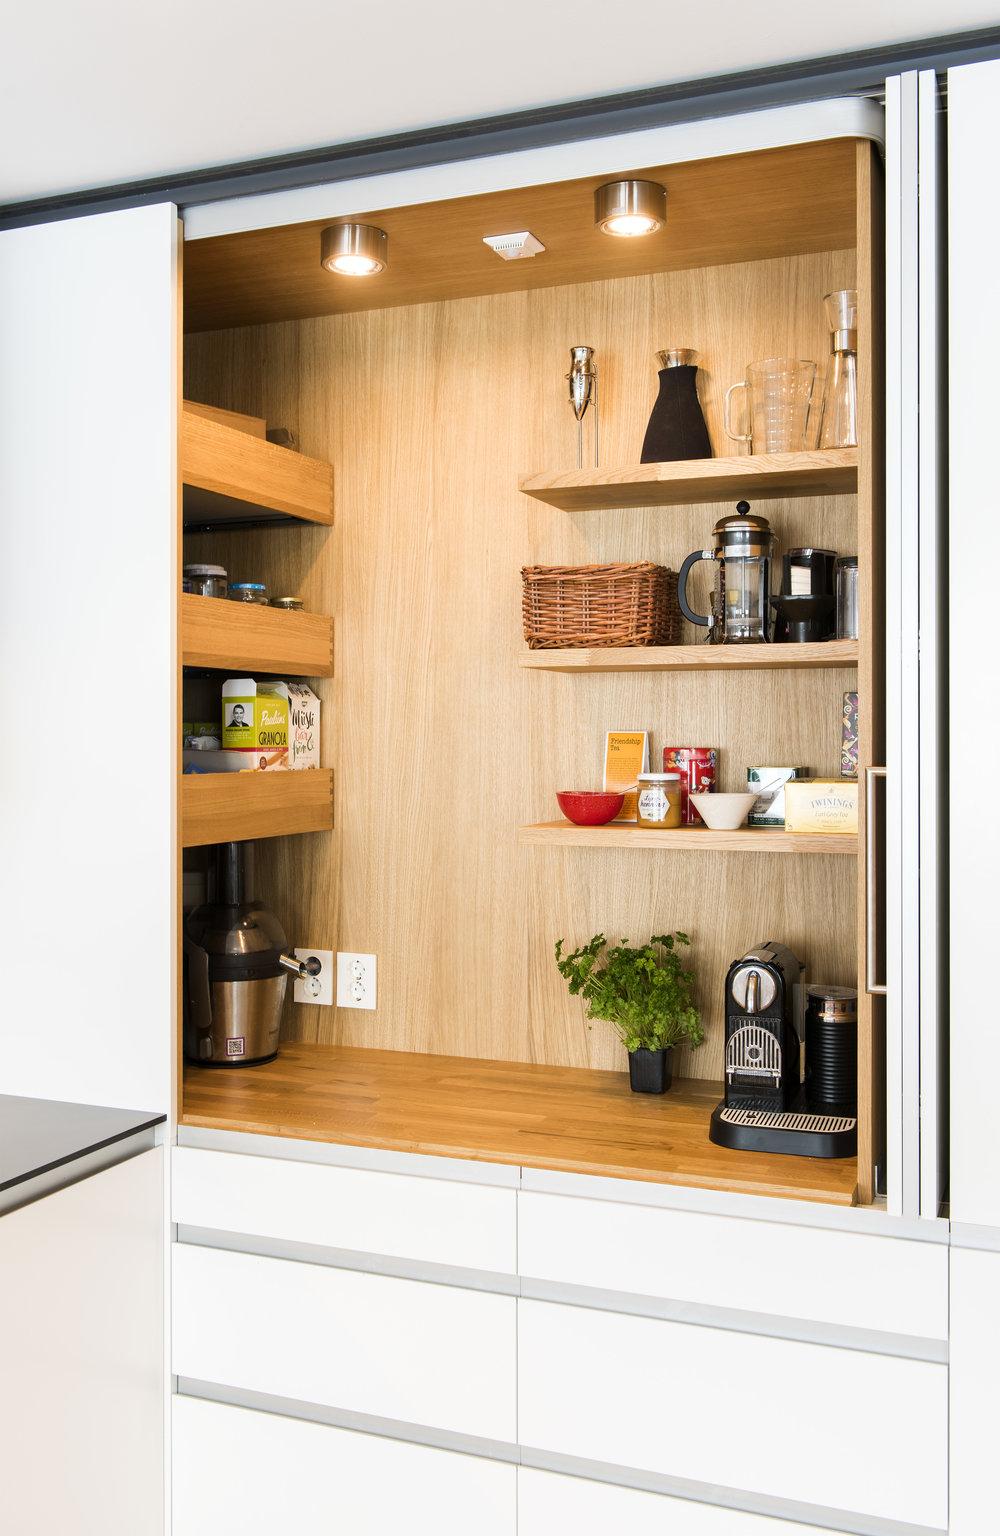 kjøkken-grovkjøkken-skreddersydd-interiør-design-01.jpg